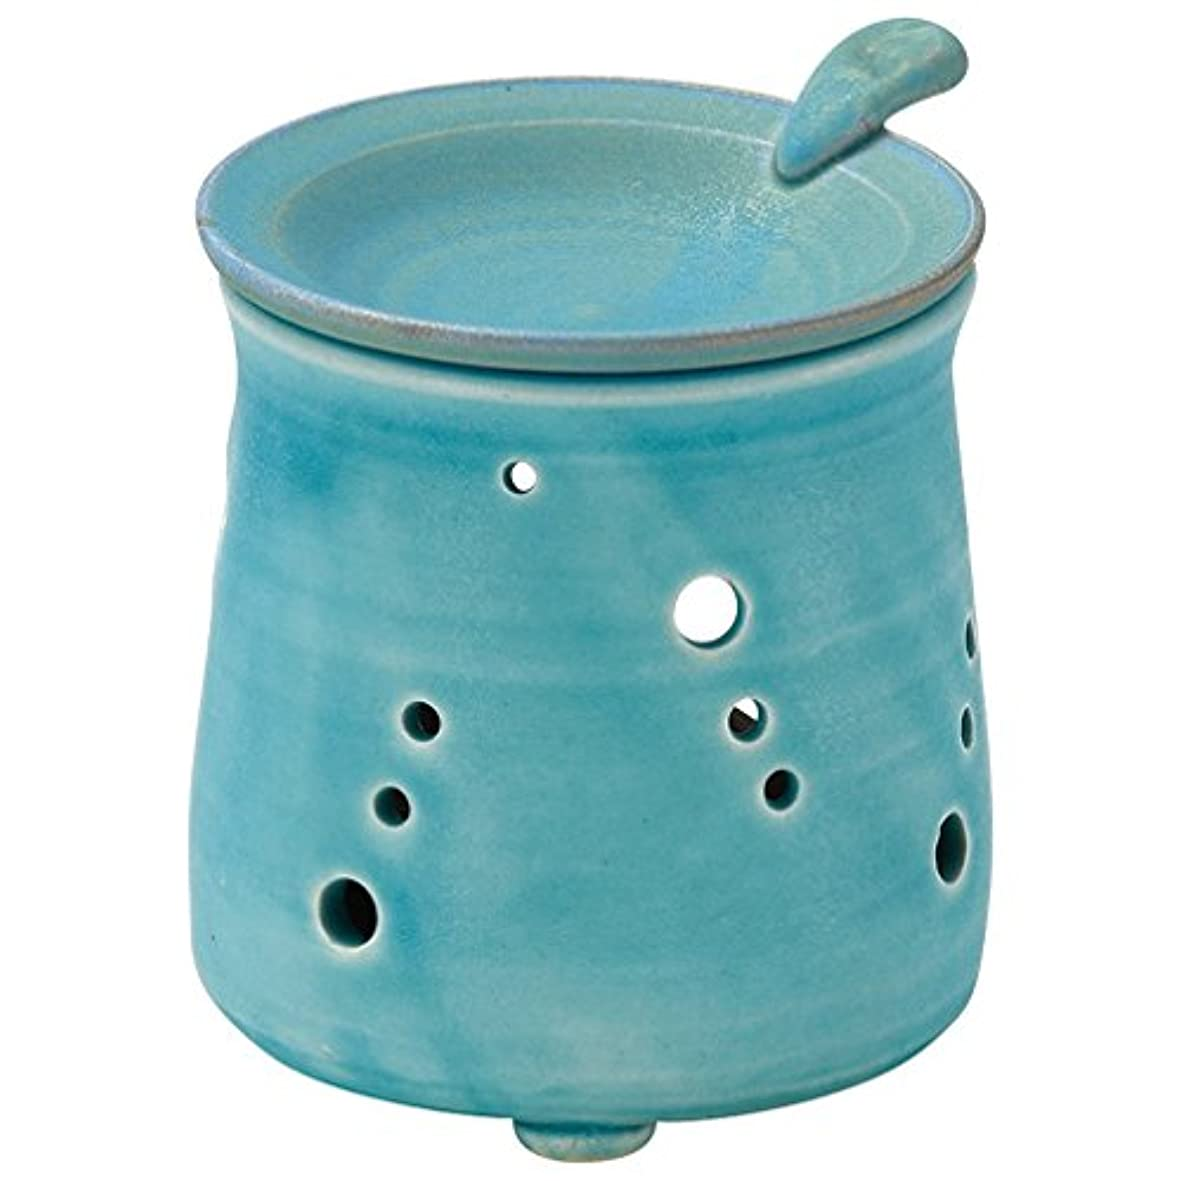 水銀の凍る手伝う山下工芸 常滑焼 山田トルコブルー茶香炉 10×9.5×9.5cm 13045690